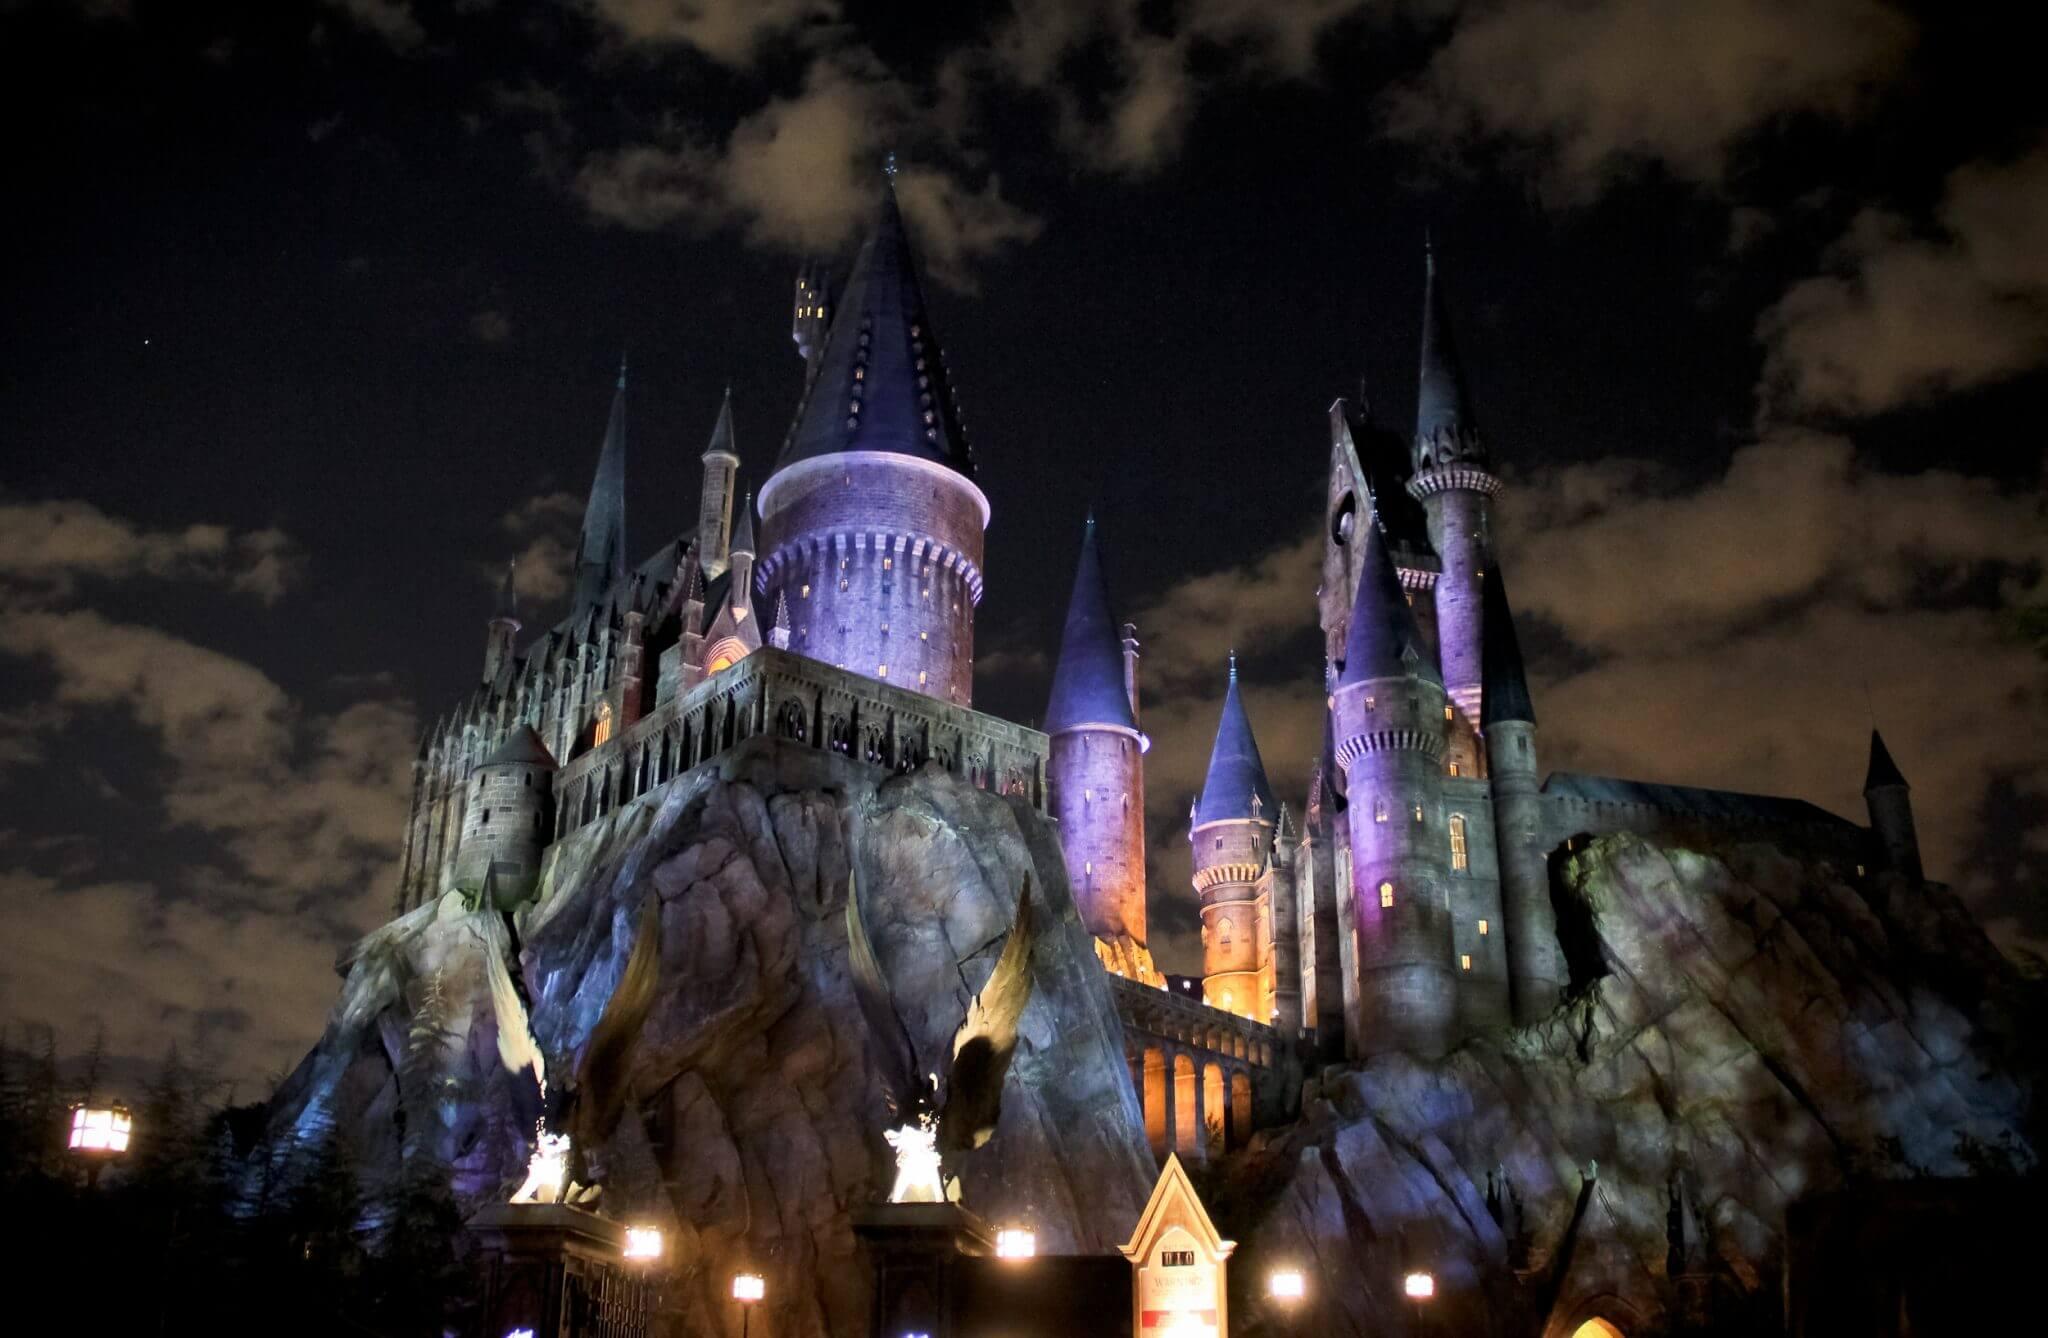 Parque Mundo do Harry Potter em Orlando: Castelo de Hogwarts